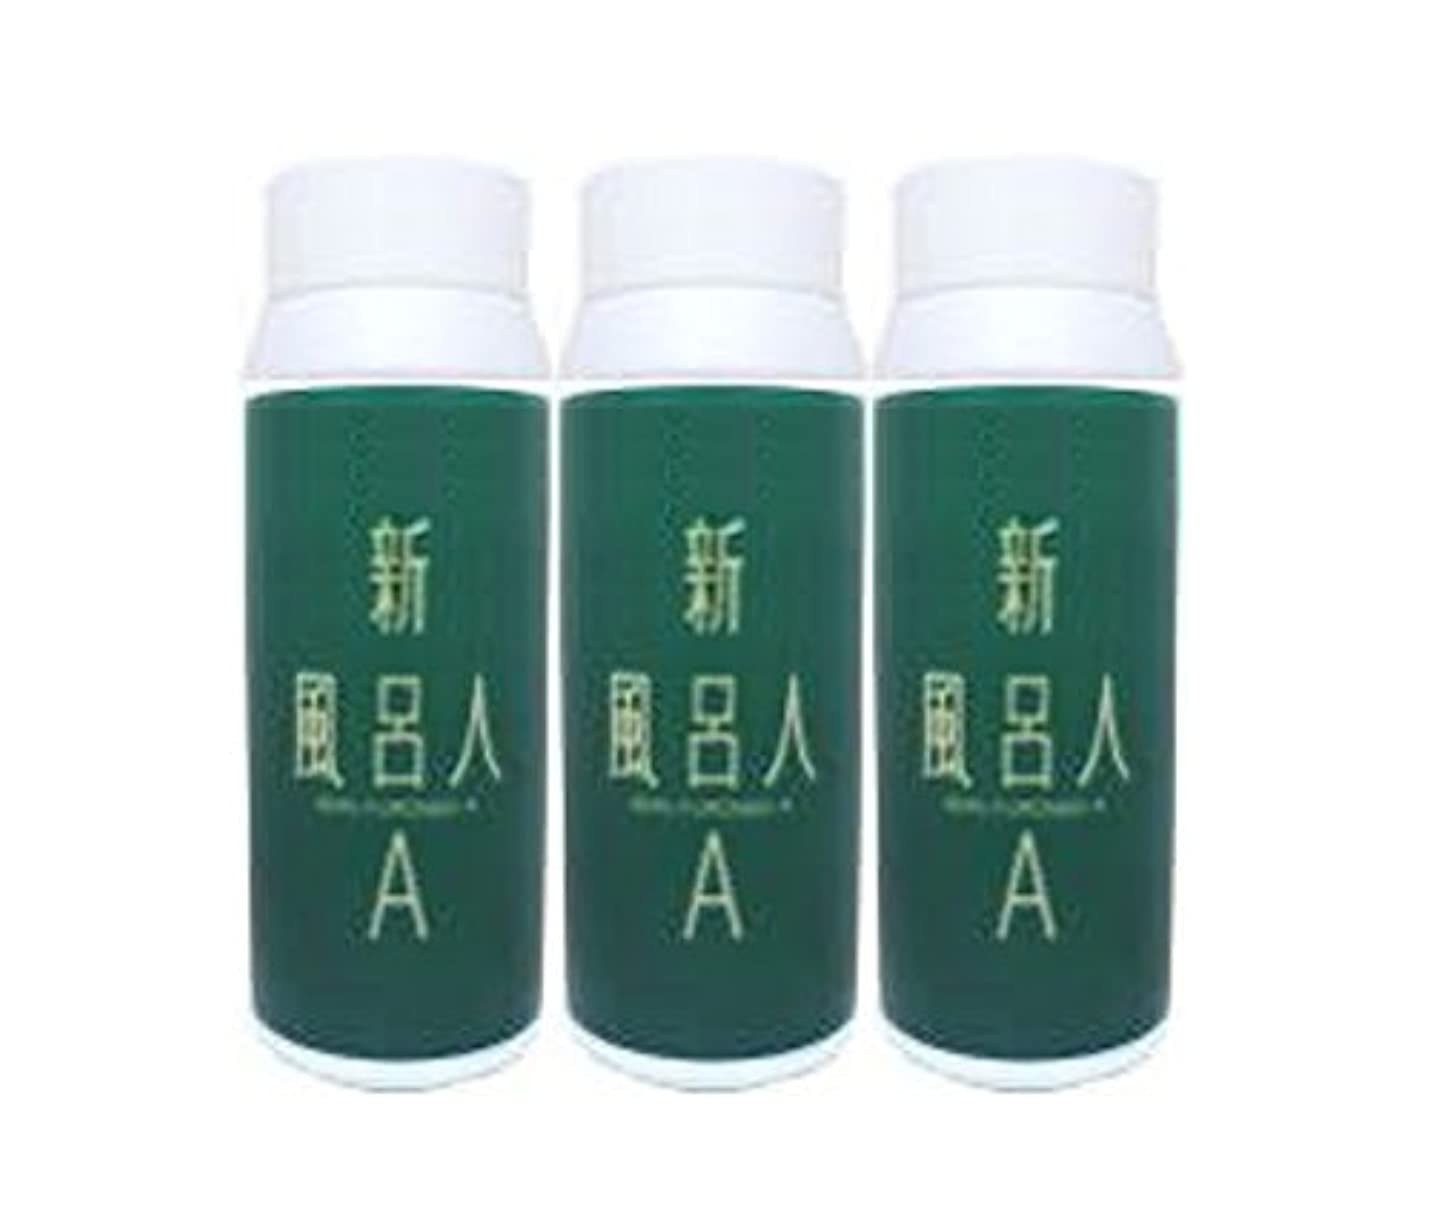 に賛成矢抗生物質24時間風呂用 入浴剤 新フロンドA 1000g 【3本セット】